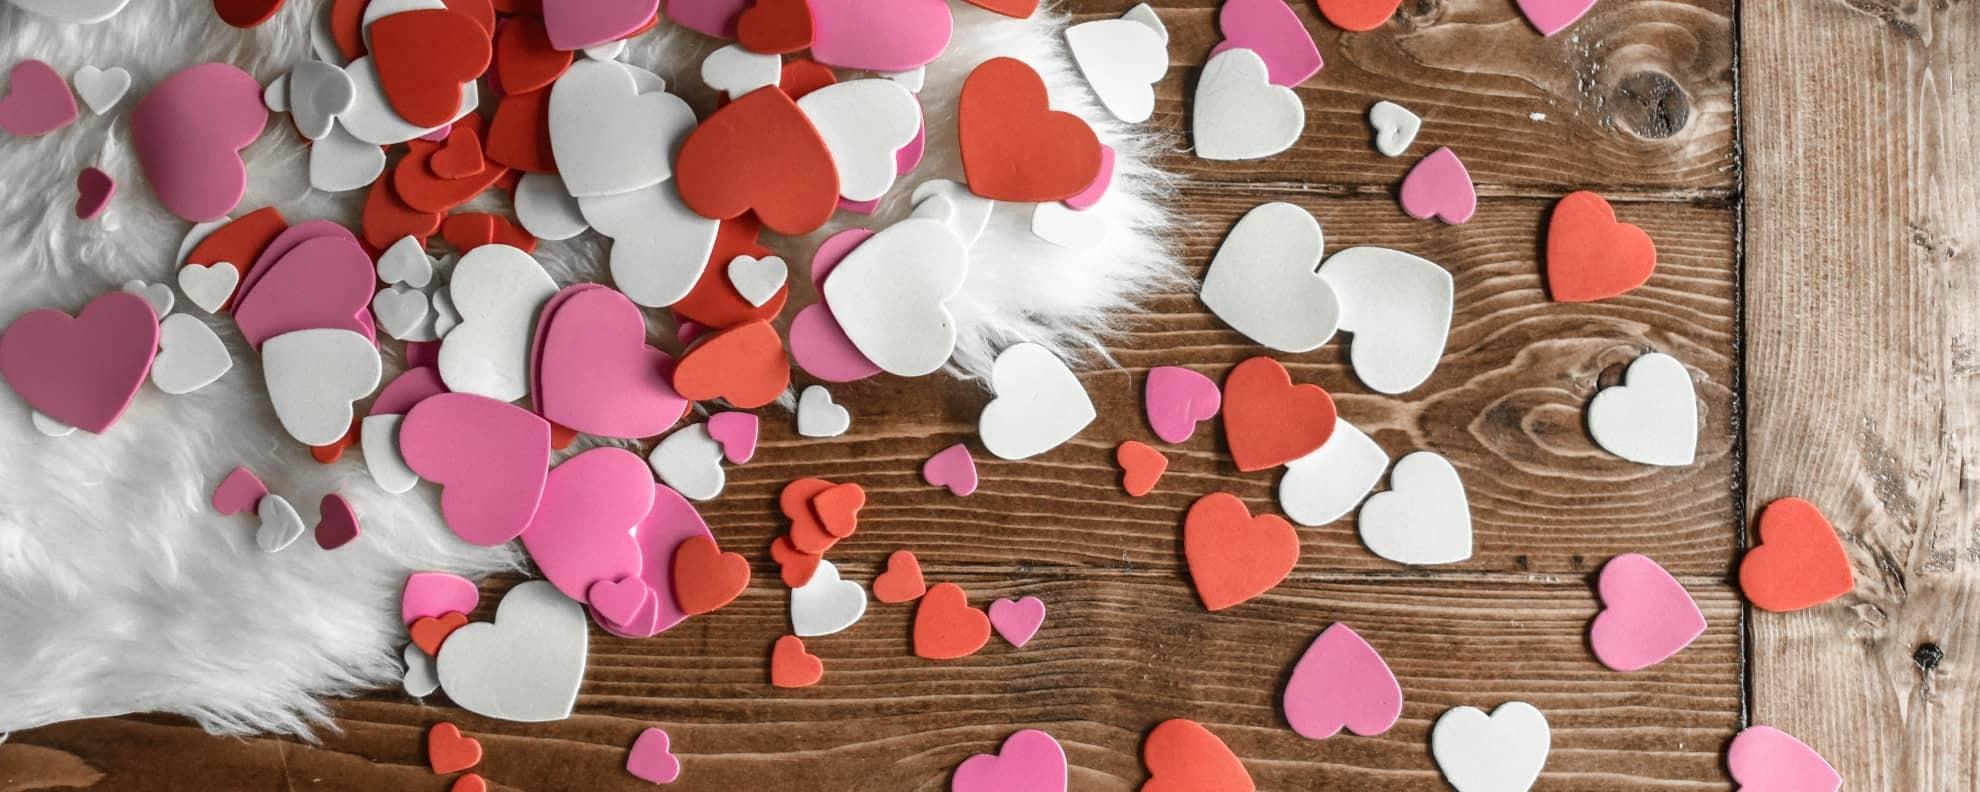 Kreative Geschenke zum Valentinstag, die deinen Schatz begeistern werden